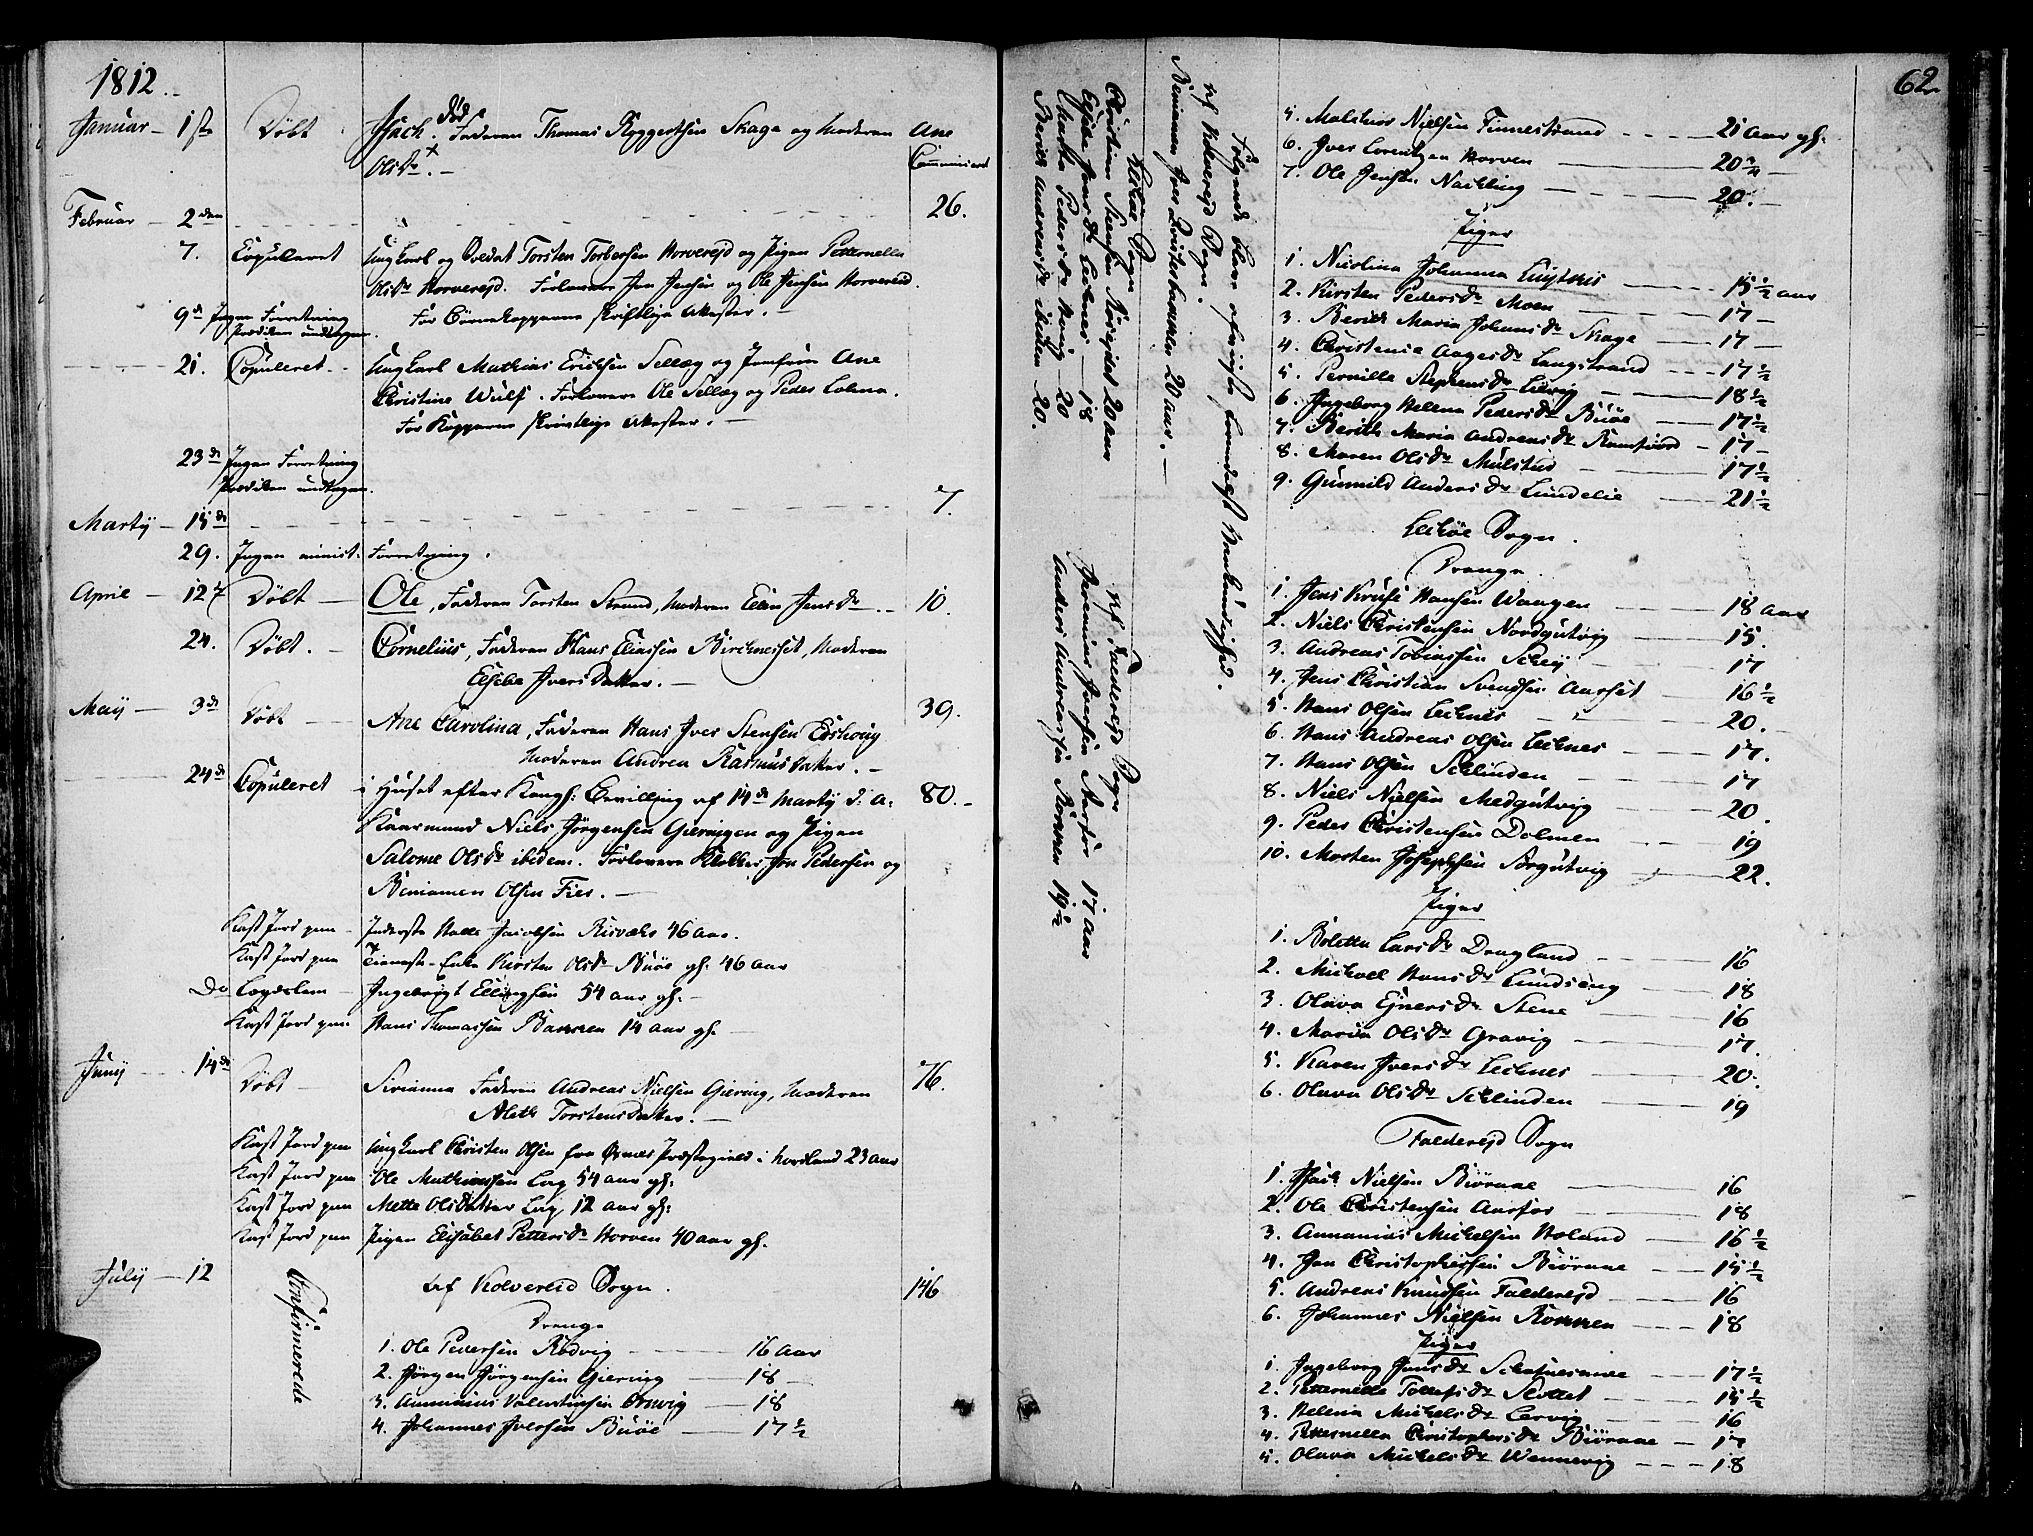 SAT, Ministerialprotokoller, klokkerbøker og fødselsregistre - Nord-Trøndelag, 780/L0633: Ministerialbok nr. 780A02 /1, 1787-1814, s. 62